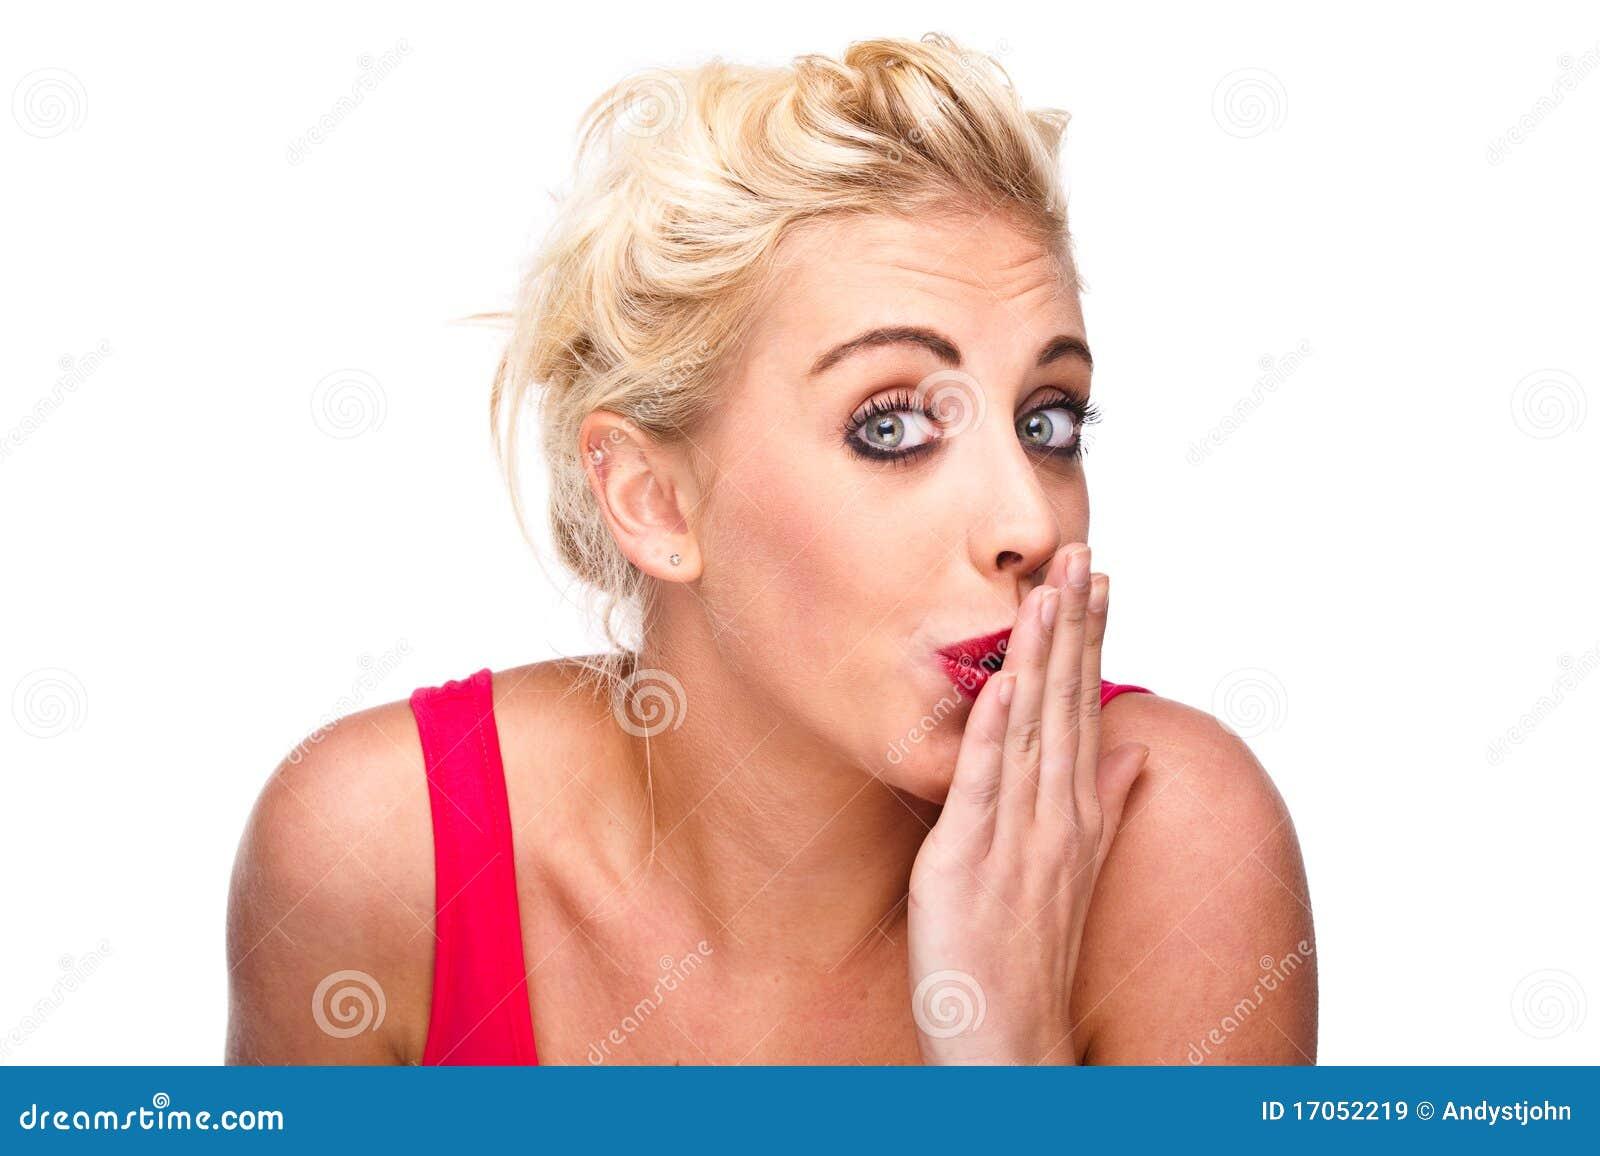 Άτακτη έκφραση - γυναίκα που καλύπτει το στόμα της